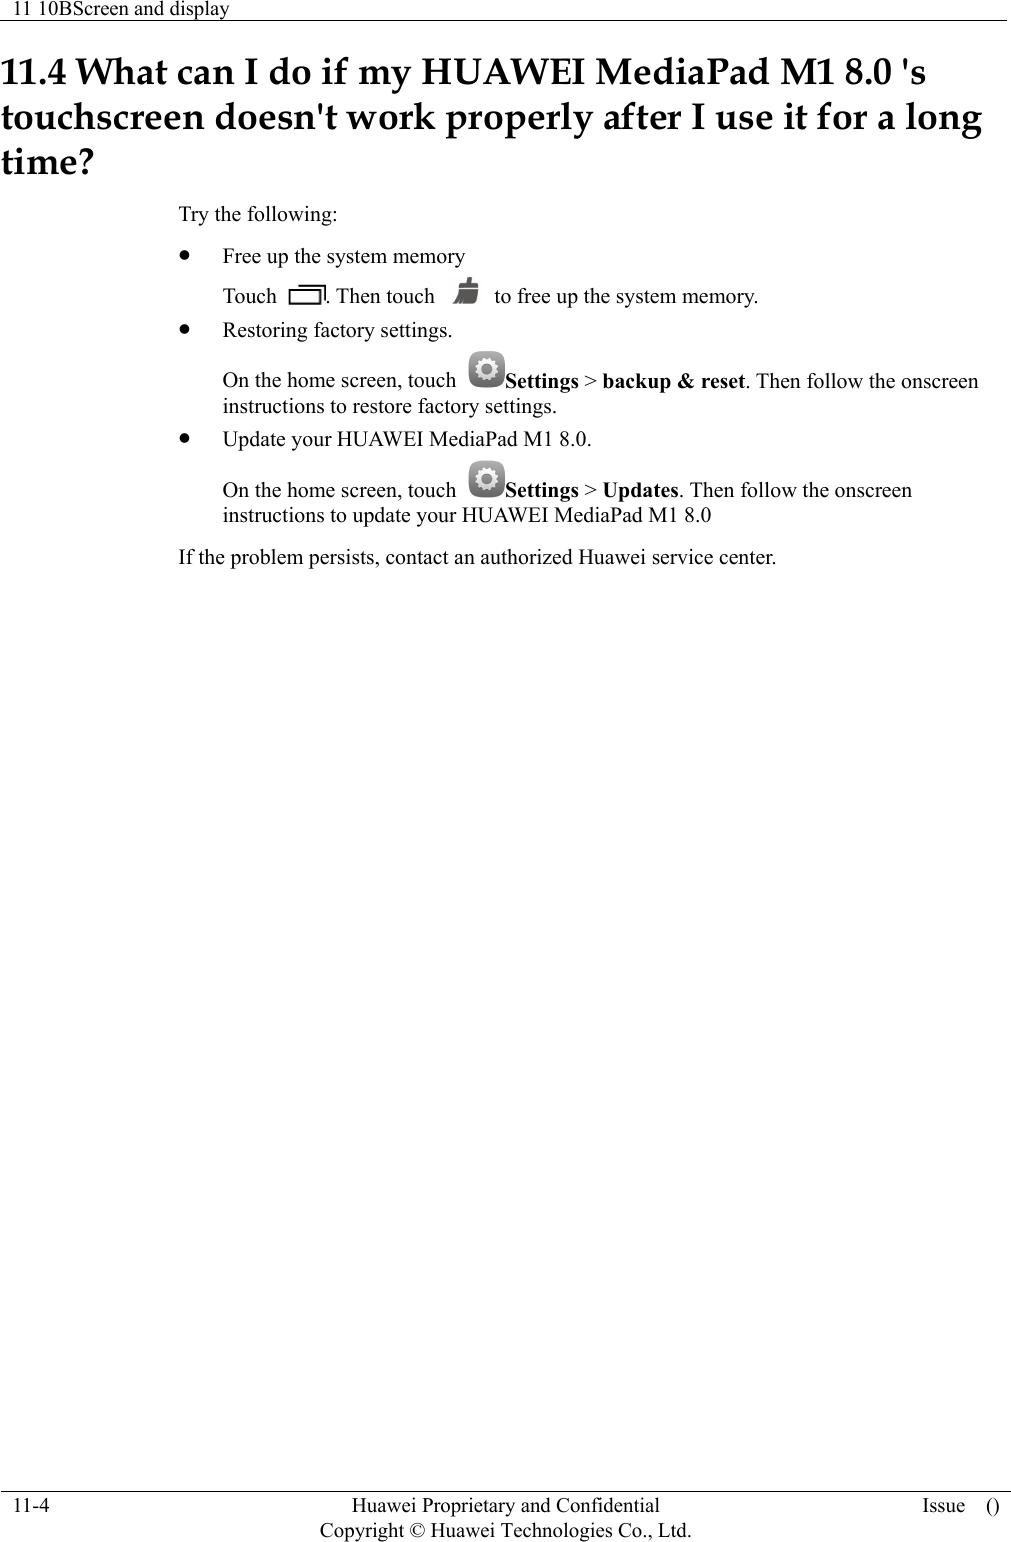 Huawei Media Pad M1 FAQs(S8 301U, 01, EN)